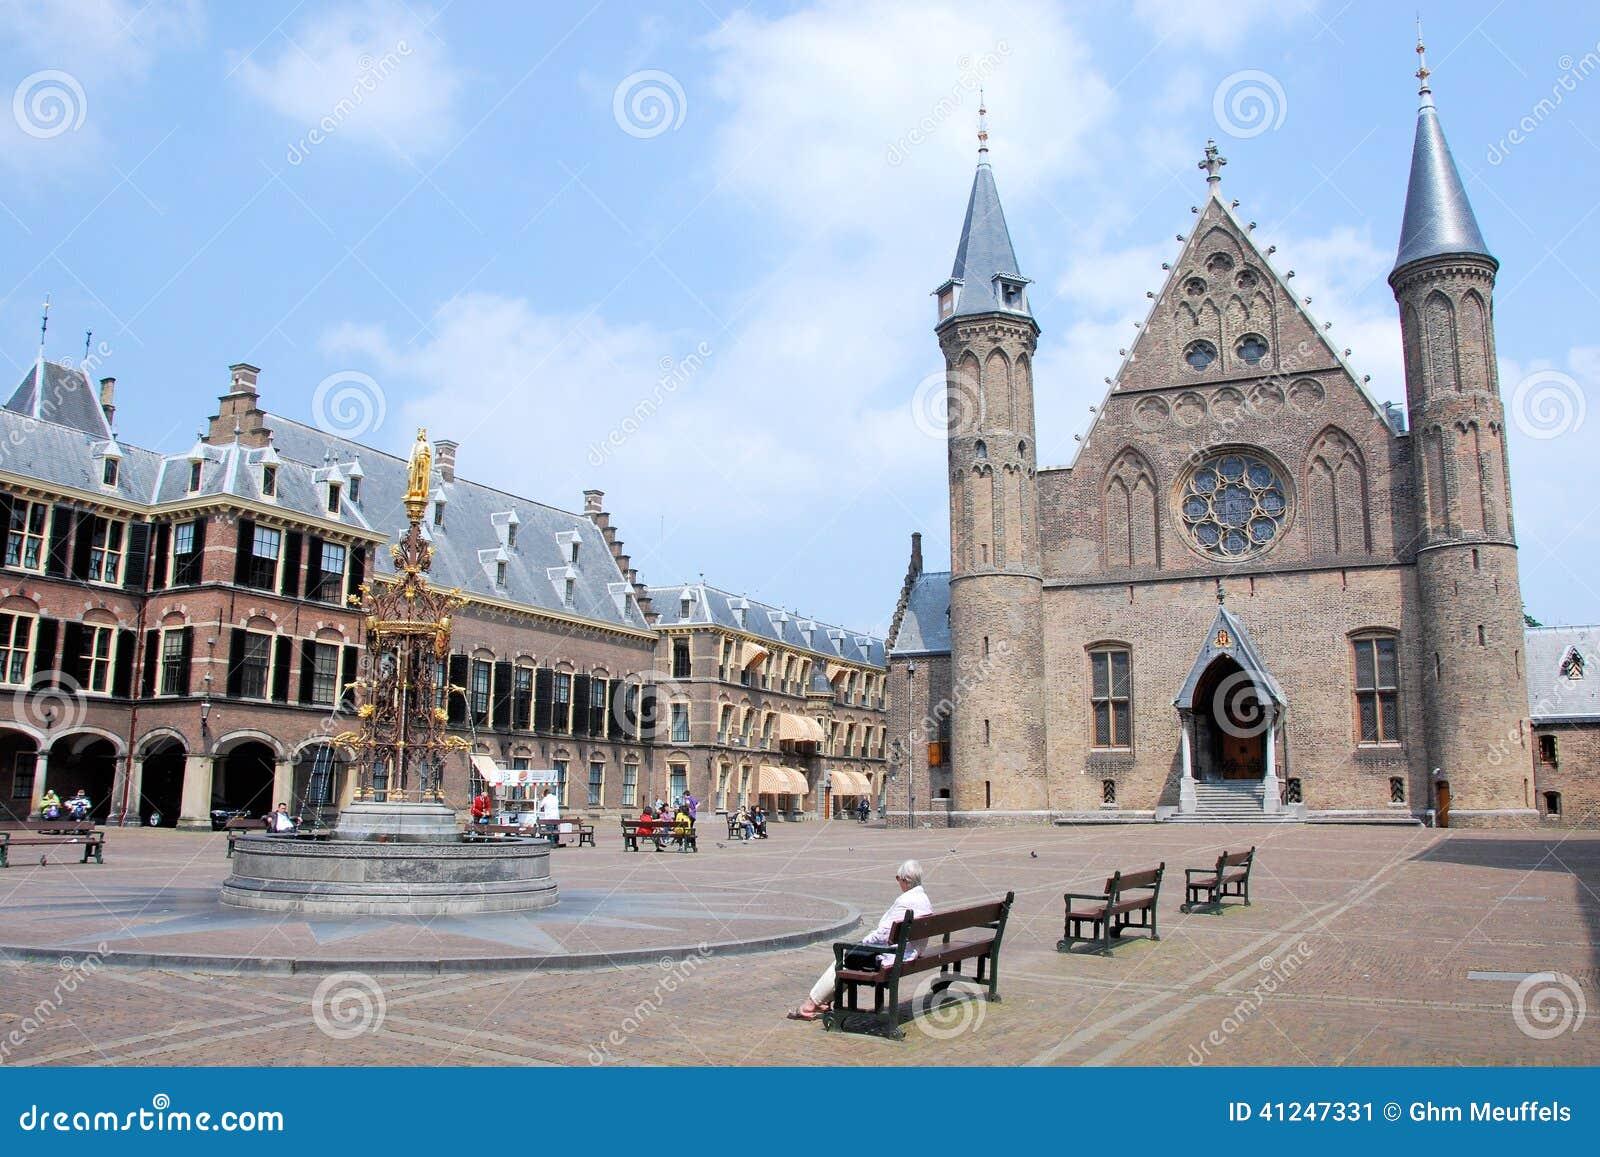 Het centrum van binnenhofden haag van nederlandse politiek met ridderzaal en huis van de senaat - Huis van het wereldkantoor newport ...